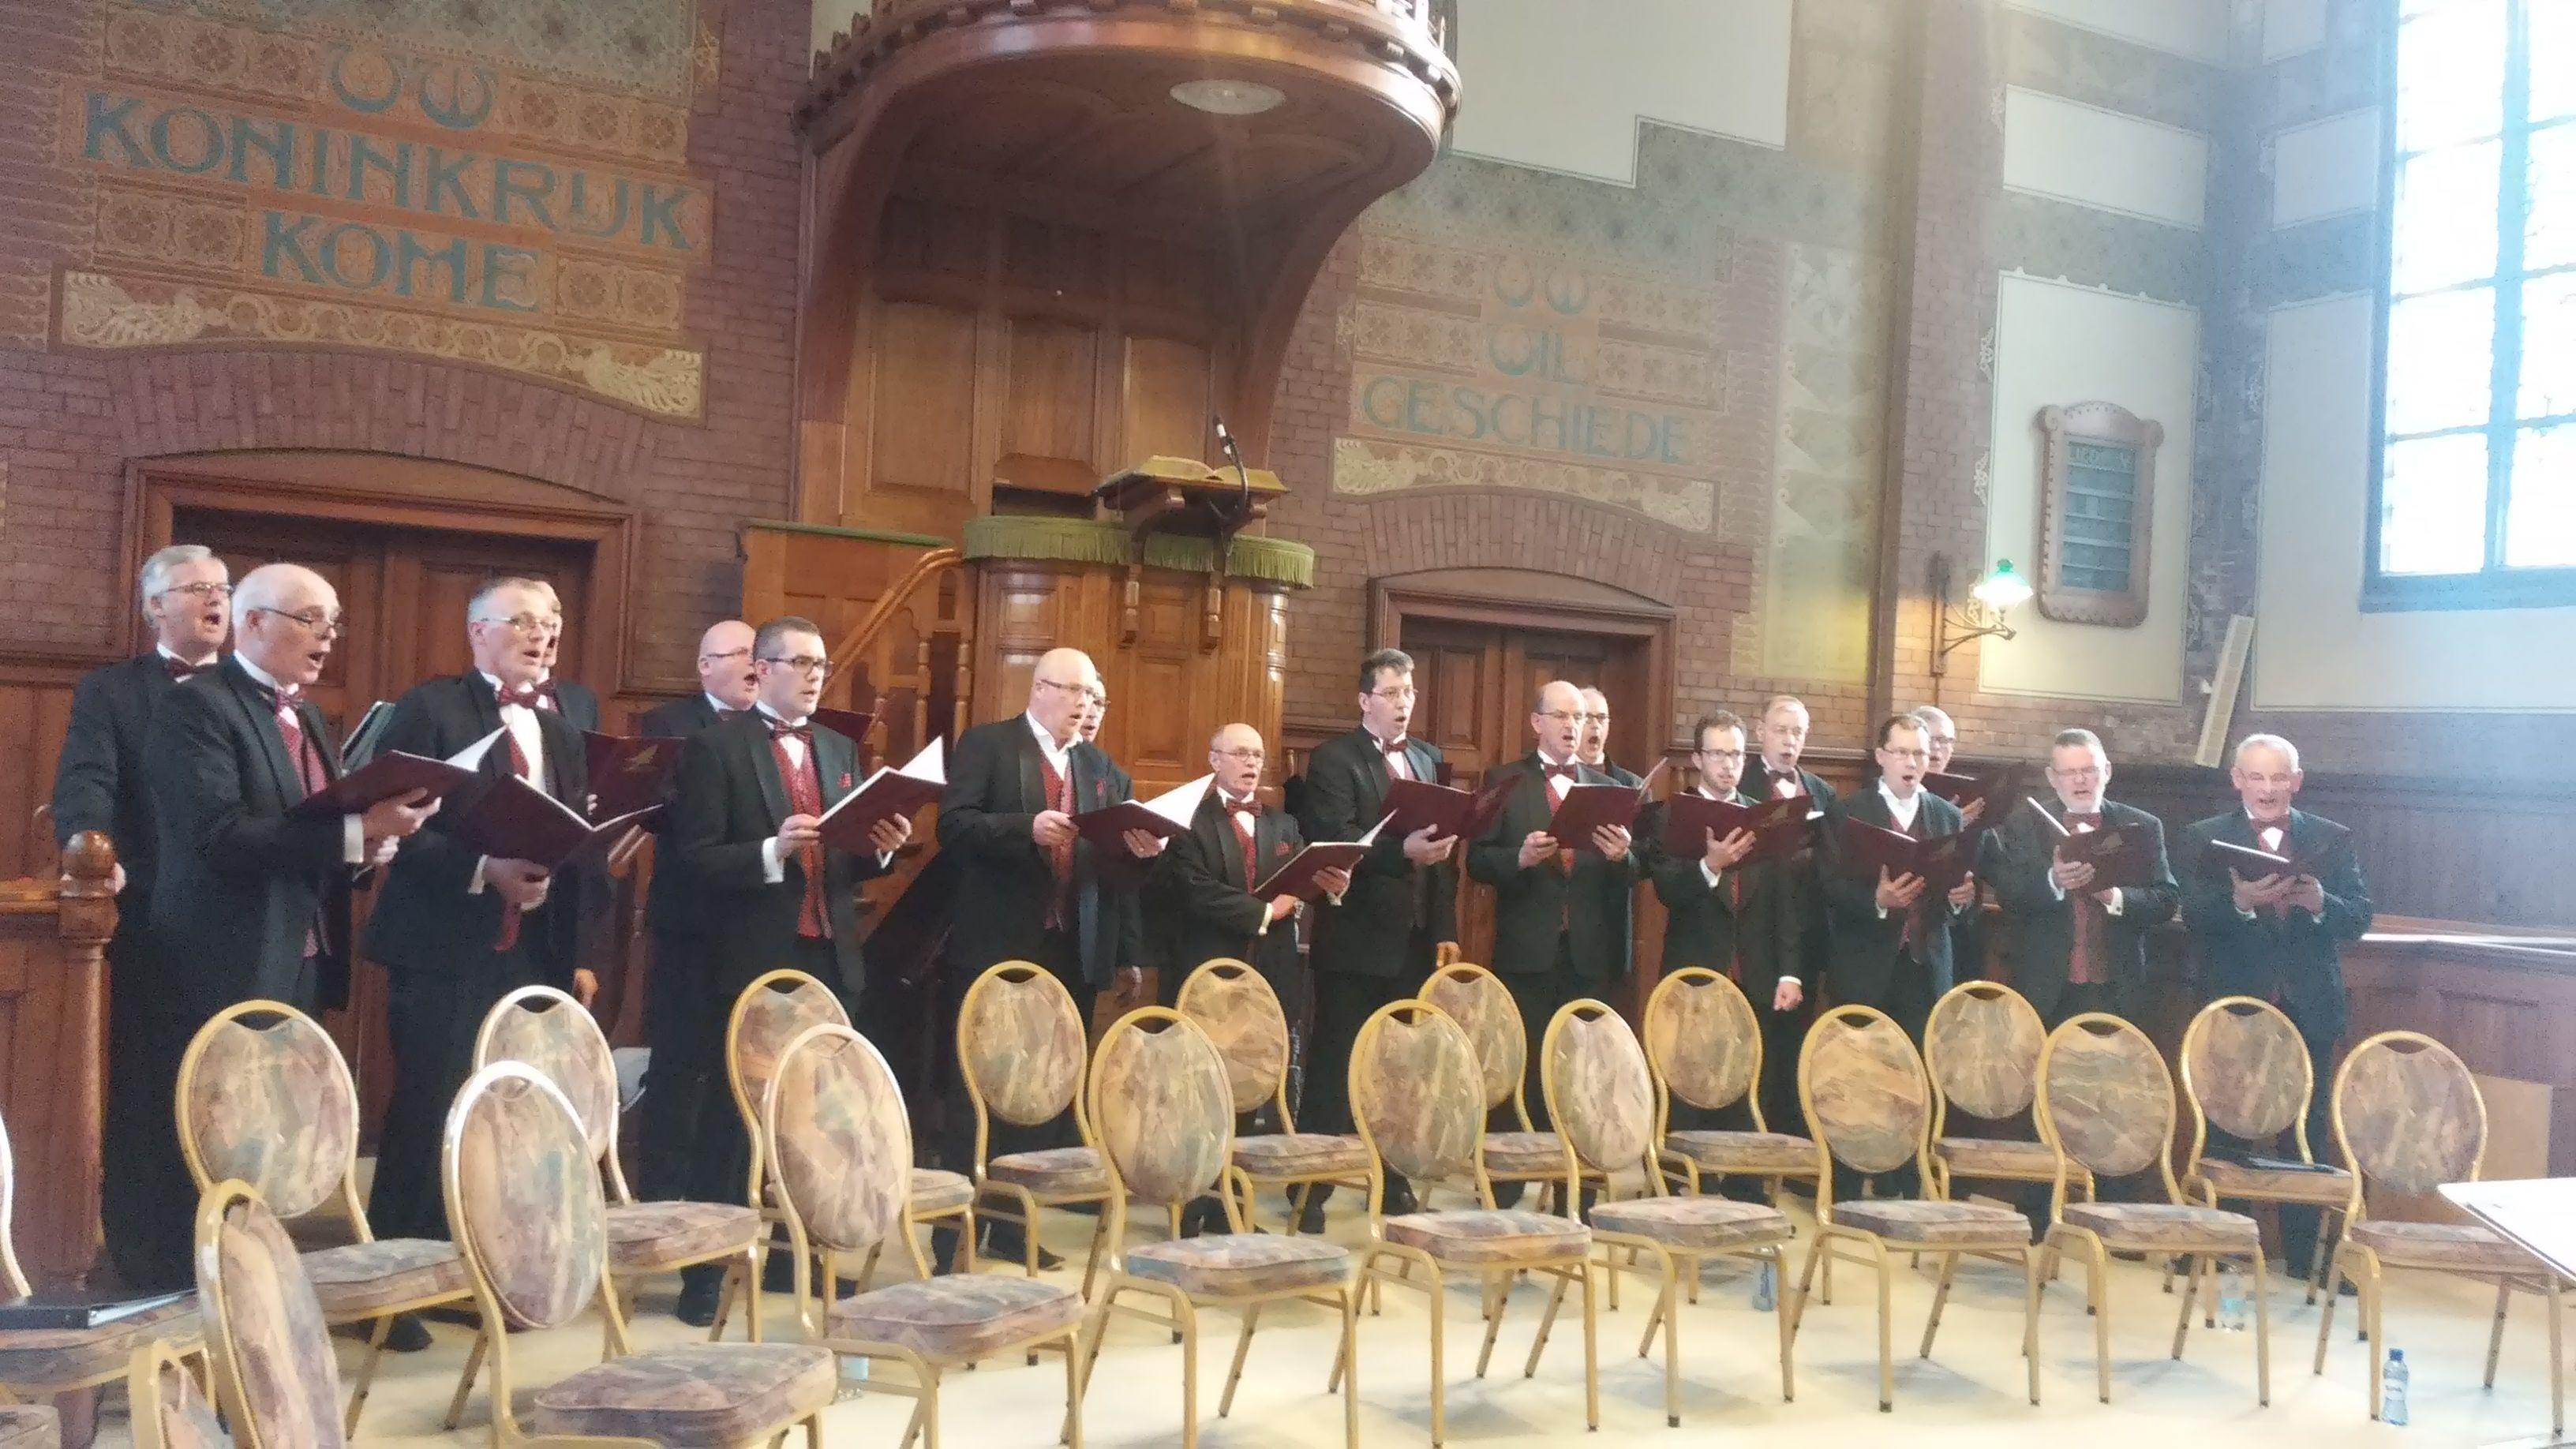 Ichthus Mannen-Ensemble (IME) Dordrecht, Remonstrantse Kerk 1 april 2015